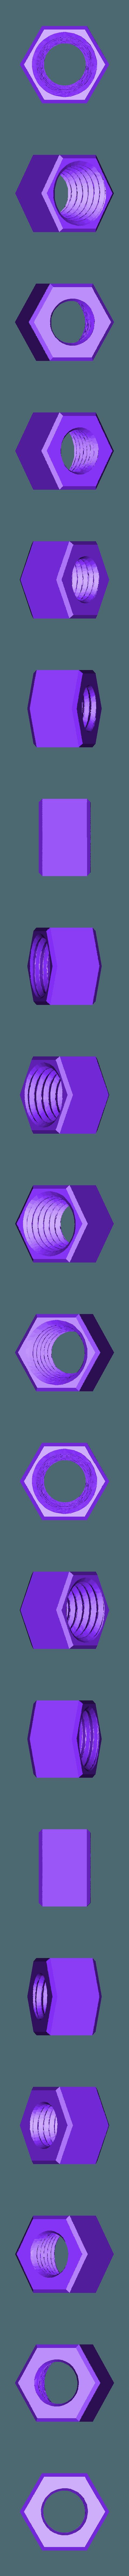 Nut.stl Download free STL file Ender & CR-10 Filament Guide with built-in locking PTFE tube coupler • 3D printer model, FedorSosnin